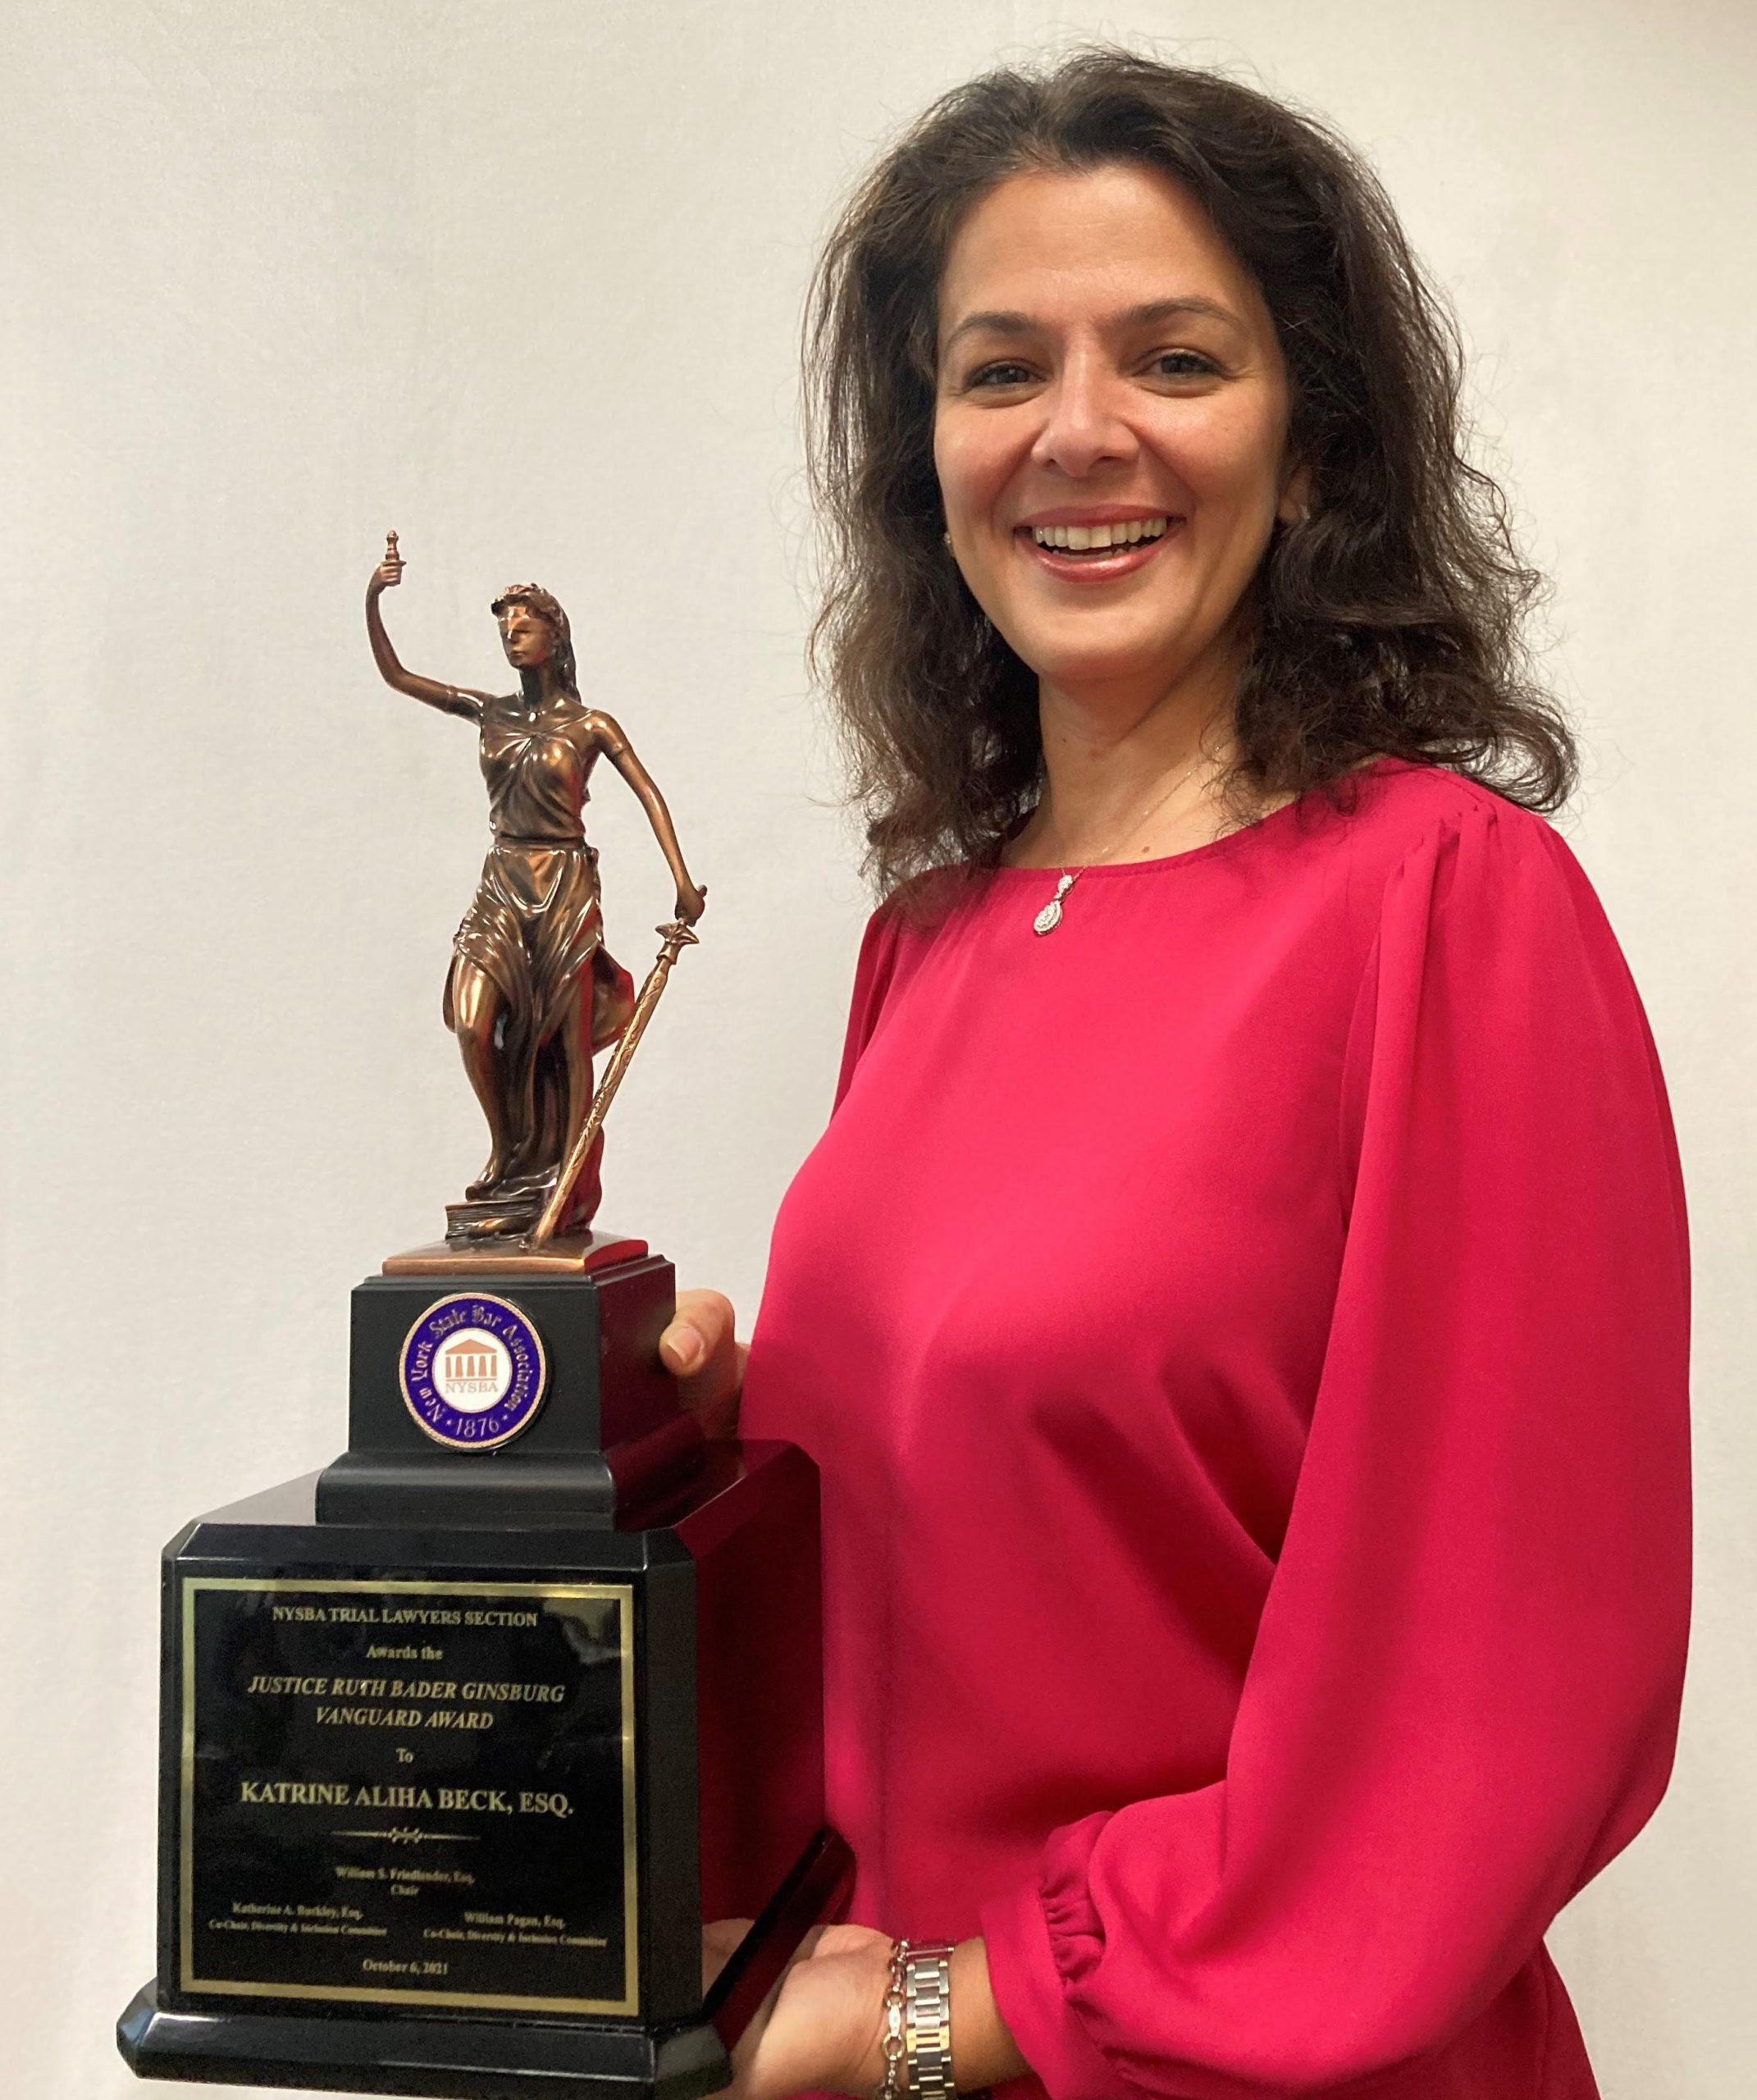 Ruth Bader Ginsberg Award